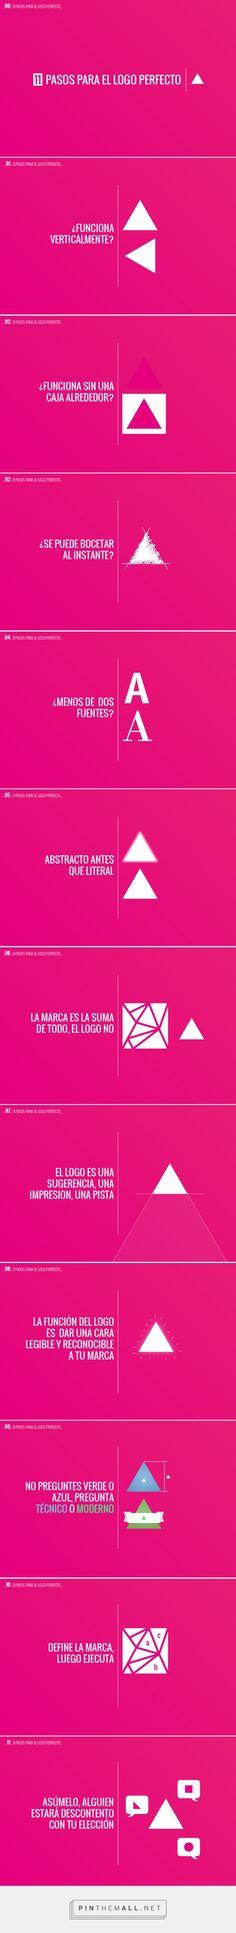 11 pasos para crear el logotipo perfecto | Domestika